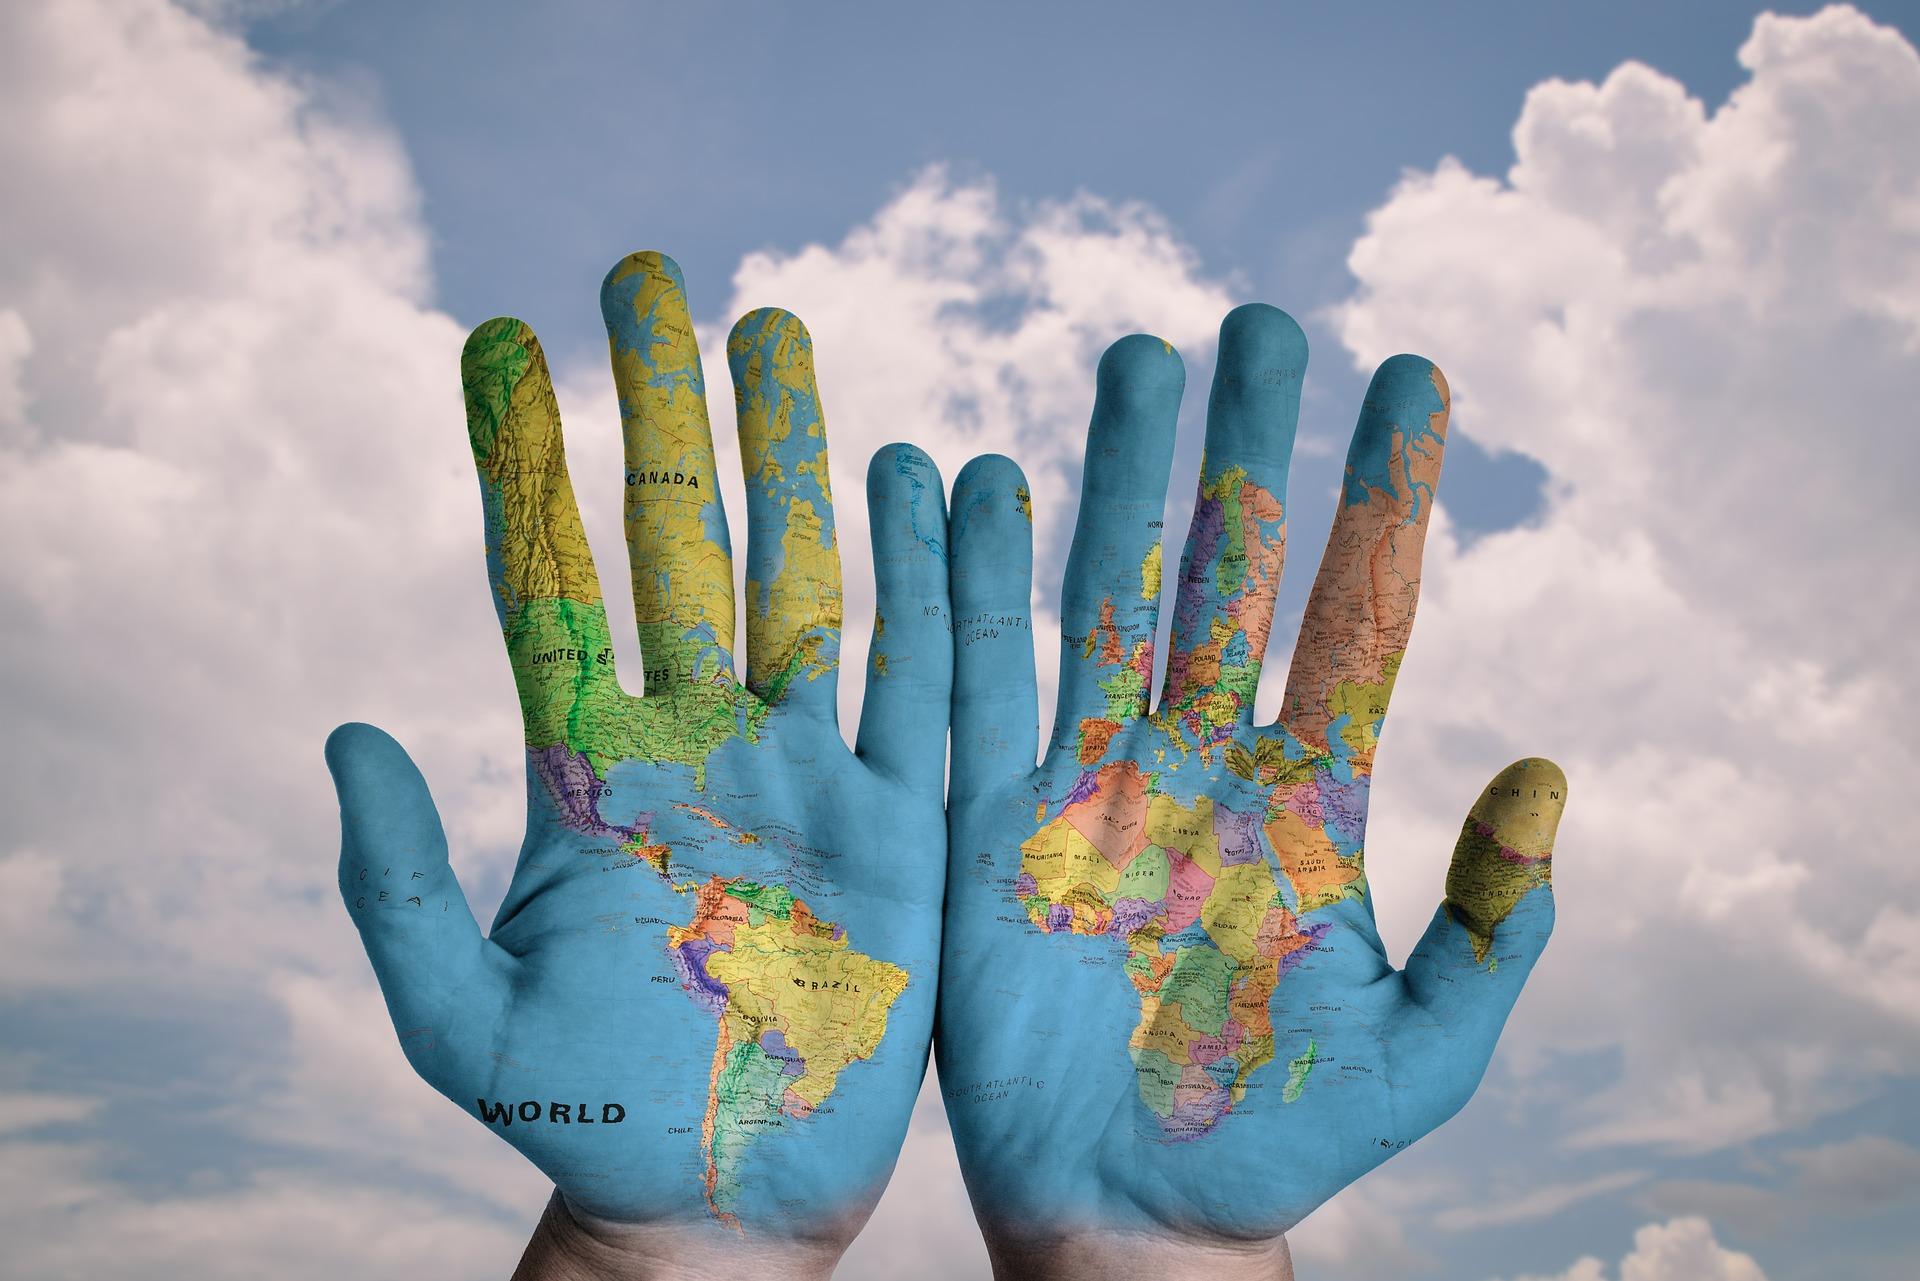 Symboldbild Asyl, das zwei Hände zeigt, auf die eine Weltkarte aufgezeichnet ist